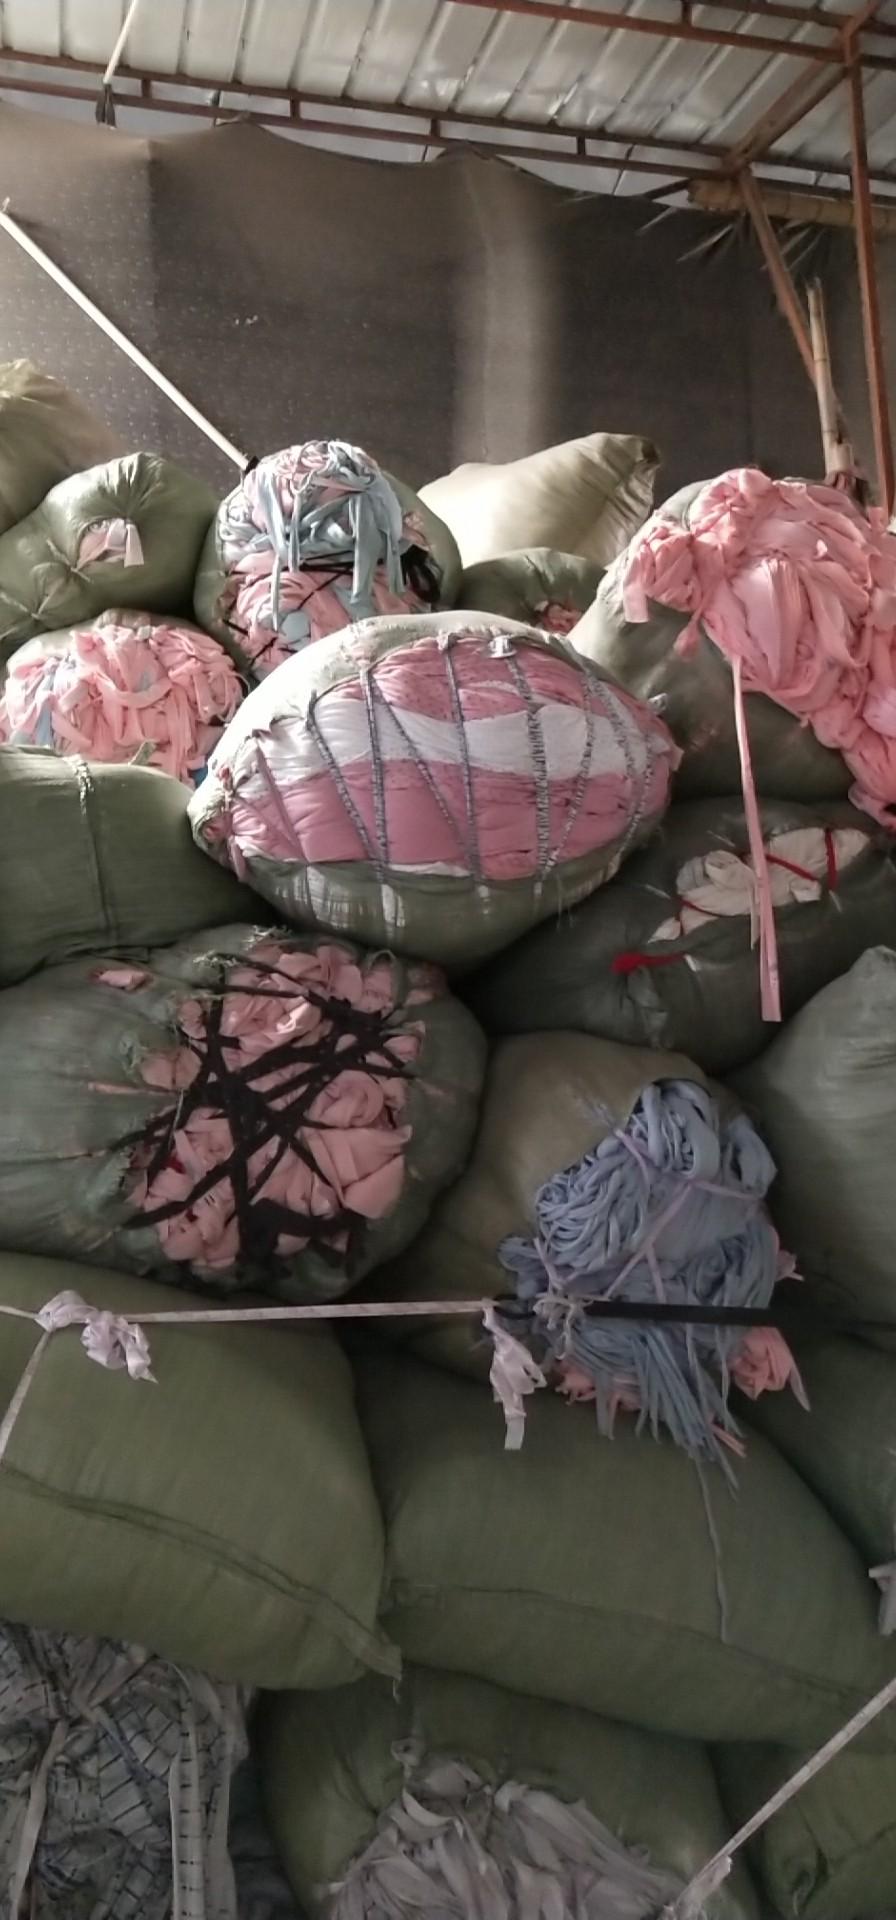 出售回收针织花条布碎厂家电话 欢迎来电洽谈15917228202